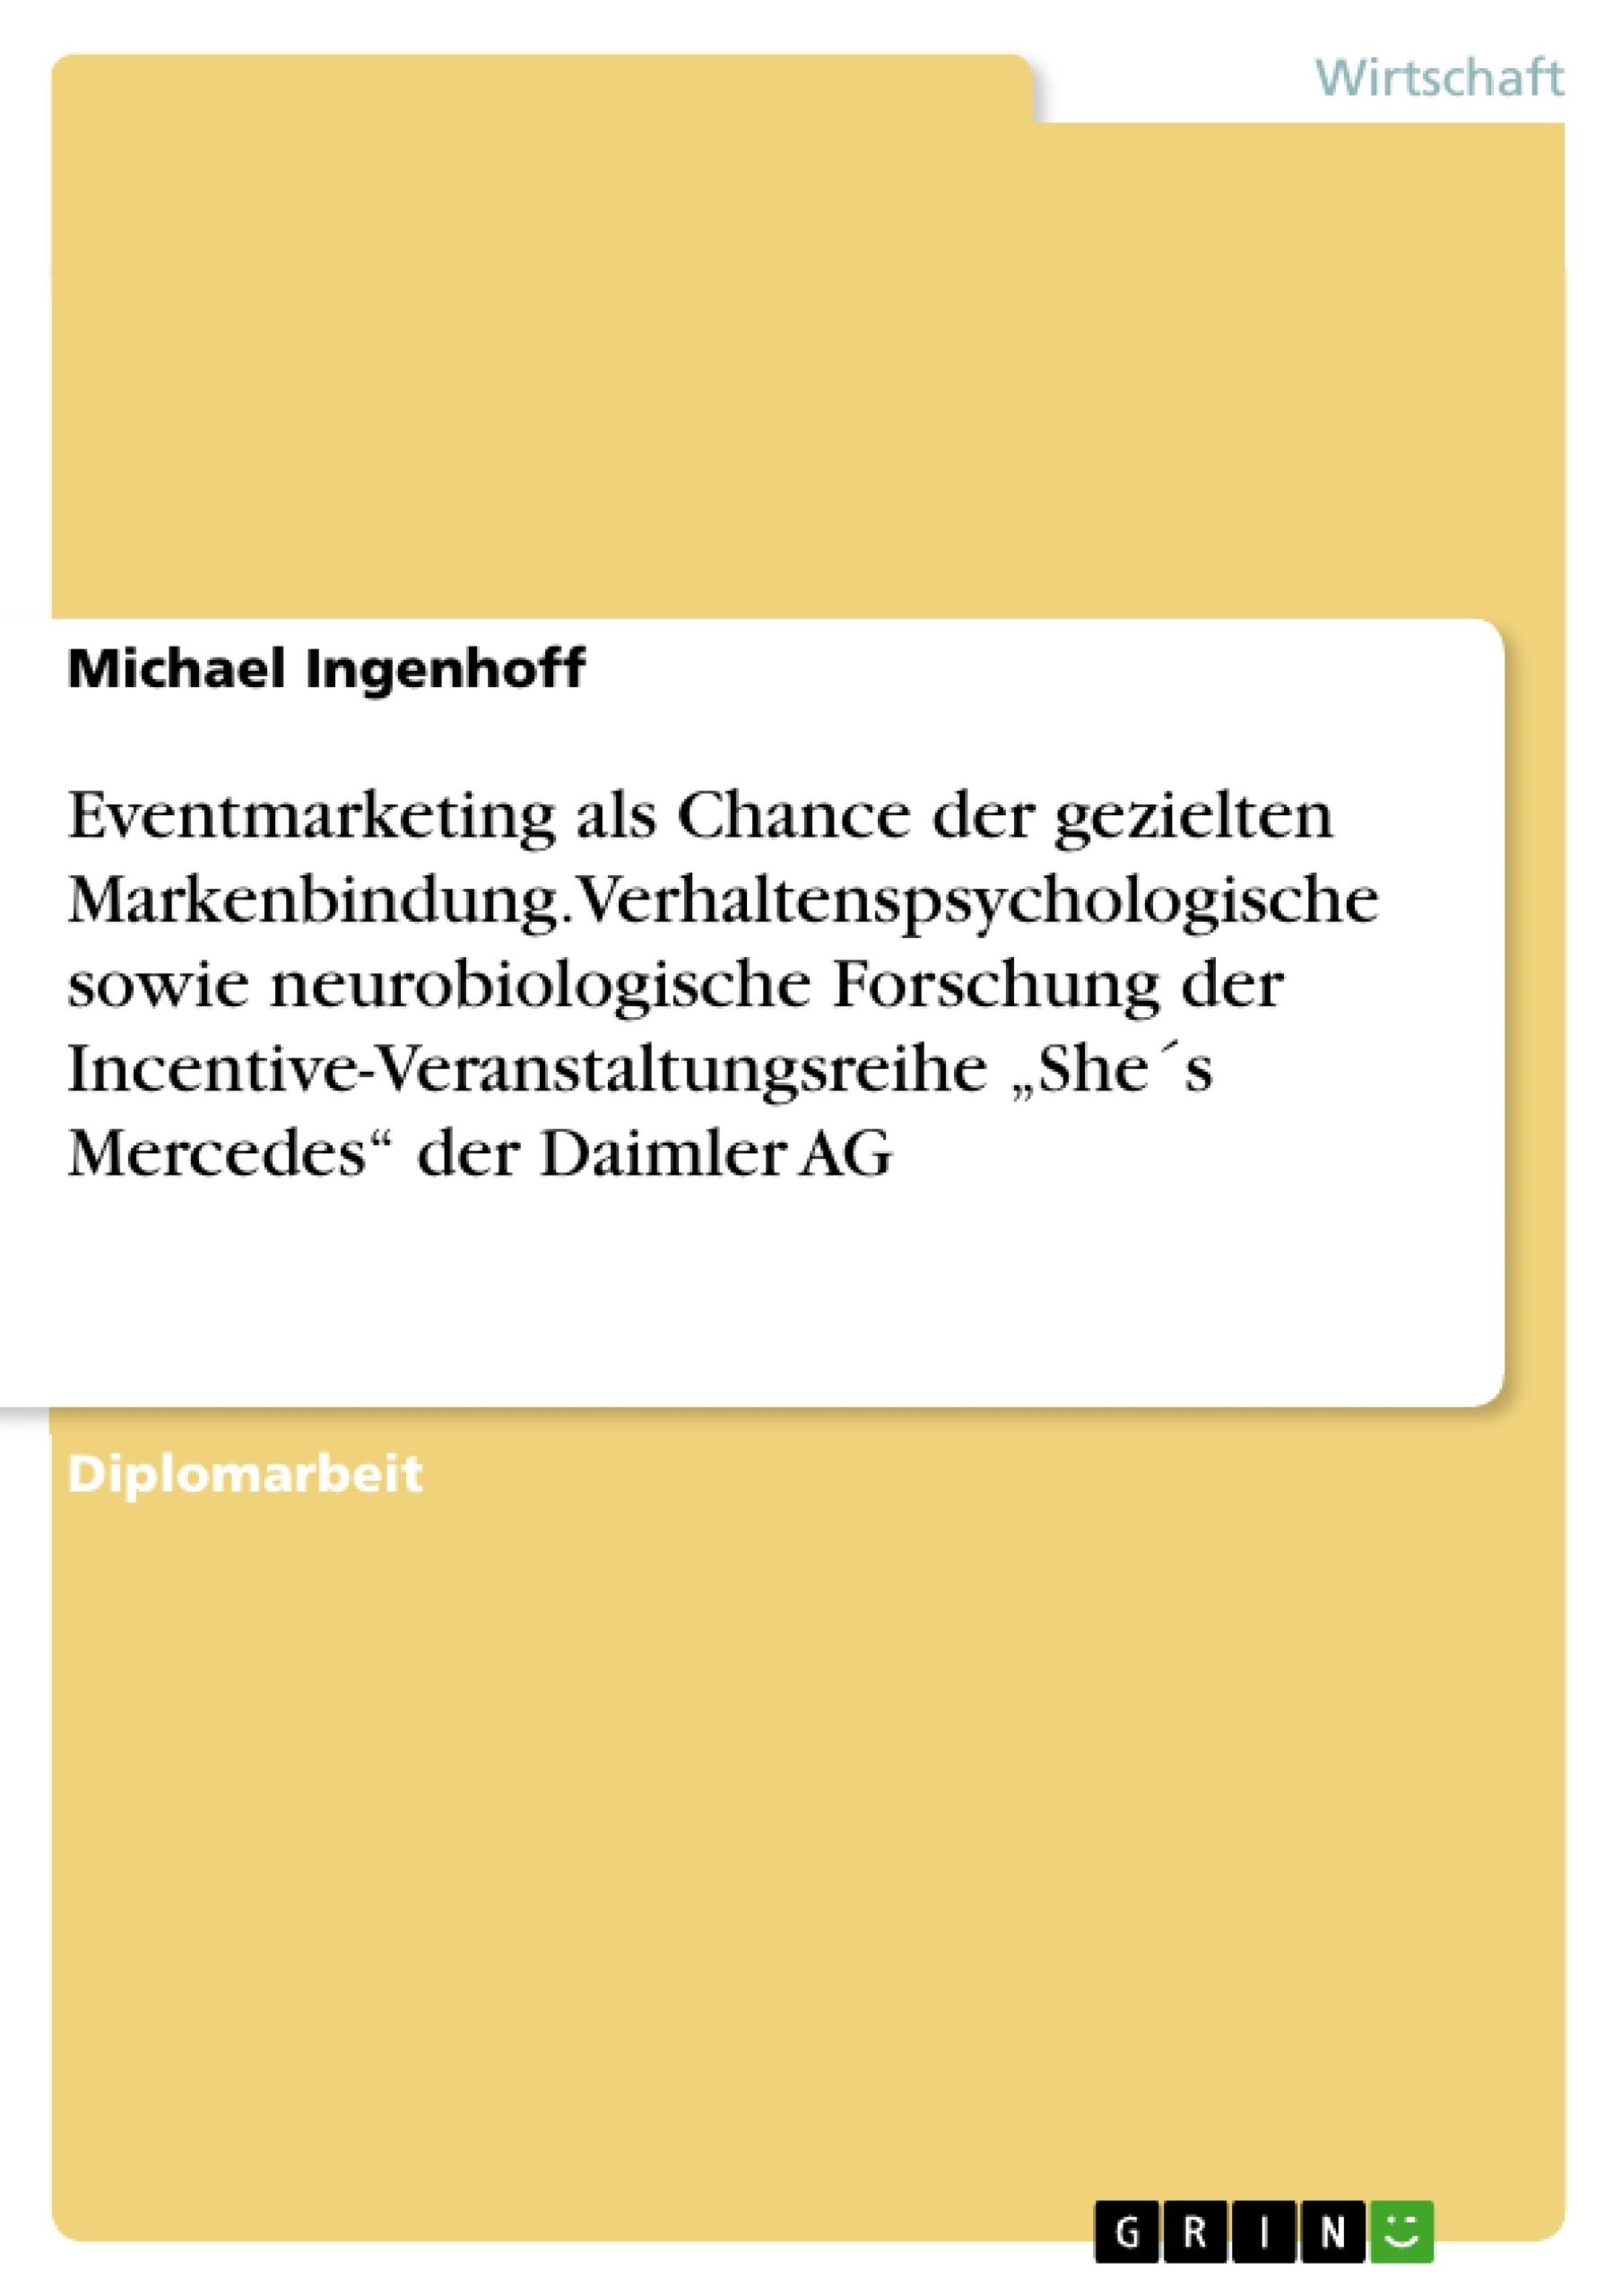 """Titel: Eventmarketing als Chance der gezielten Markenbindung. Verhaltenspsychologische sowie neurobiologische Forschung der Incentive-Veranstaltungsreihe """"She´s Mercedes"""" der Daimler AG"""